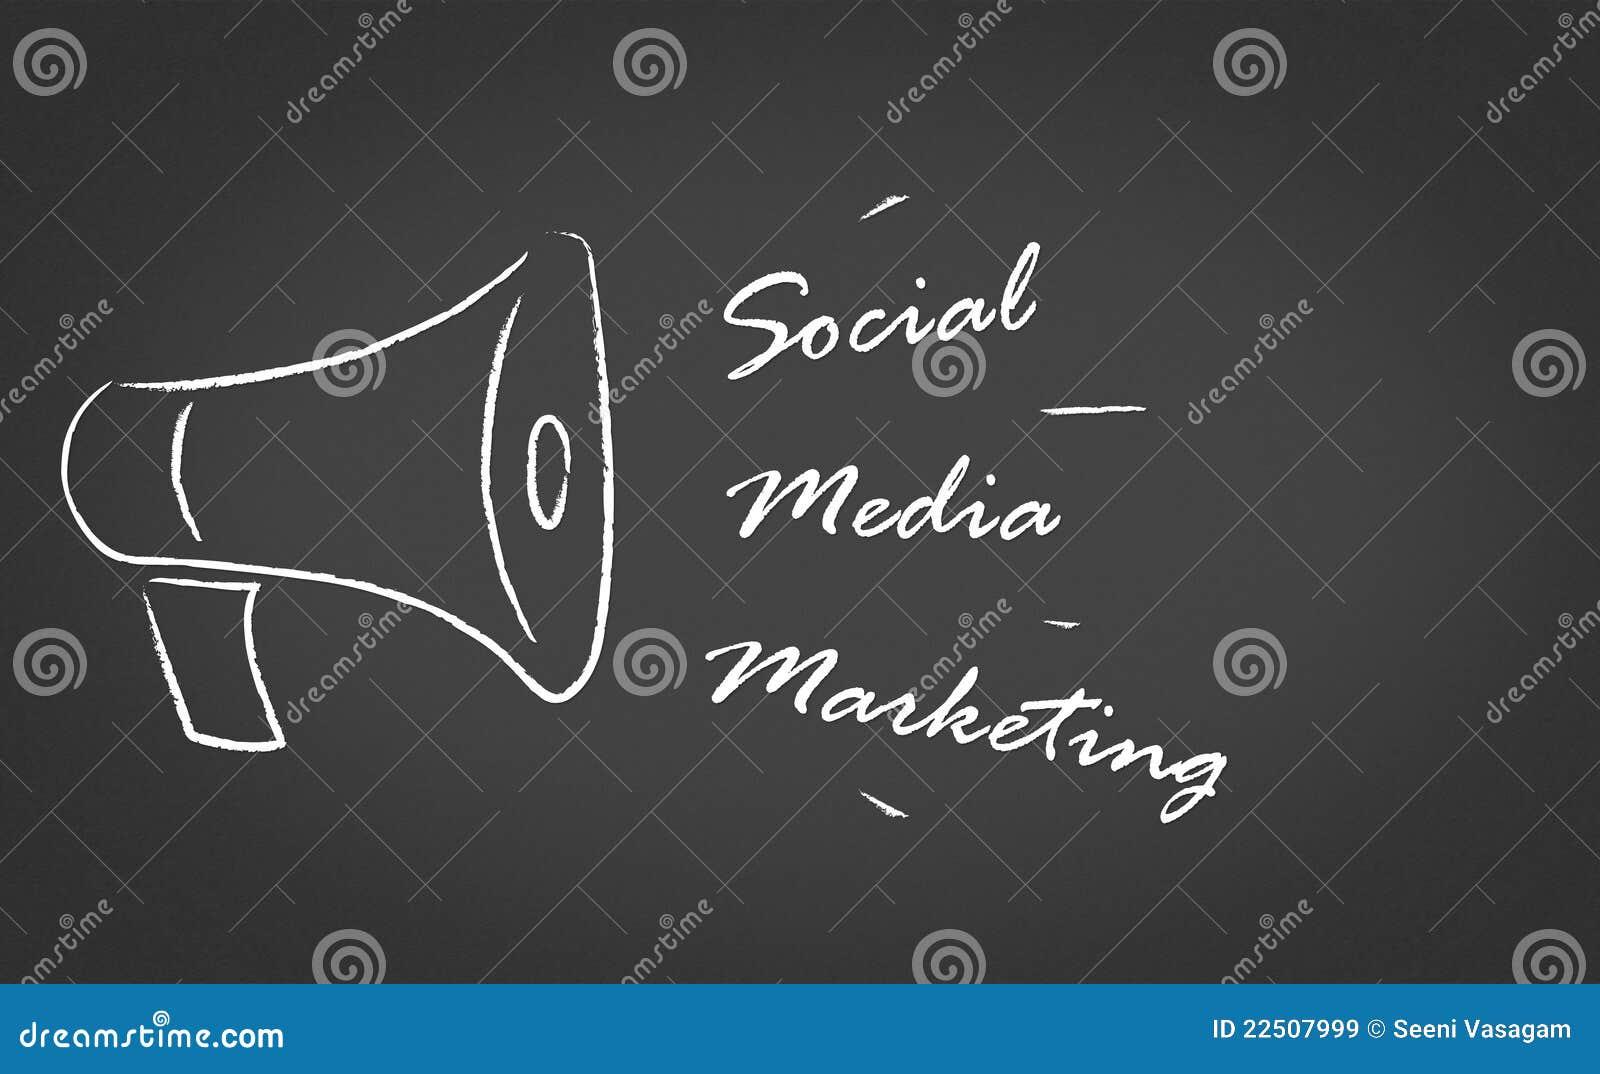 Commercialisation sociale de medias